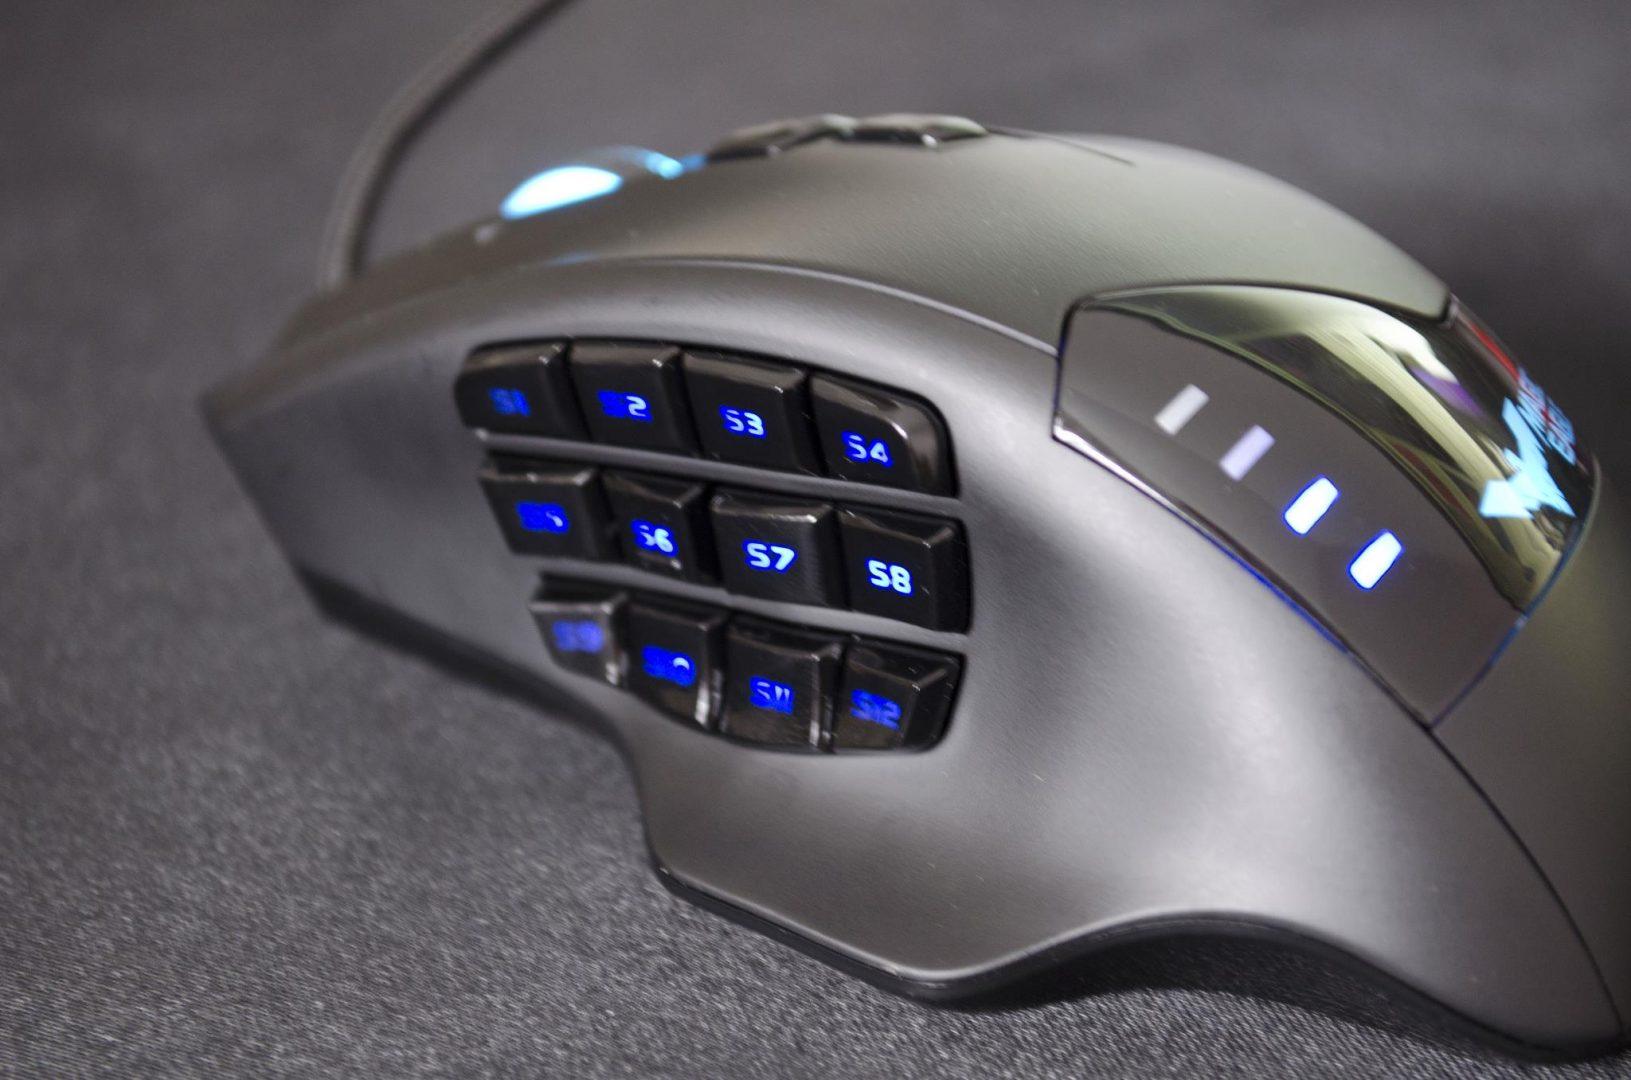 havit-hv-ms735-mouse-review_11